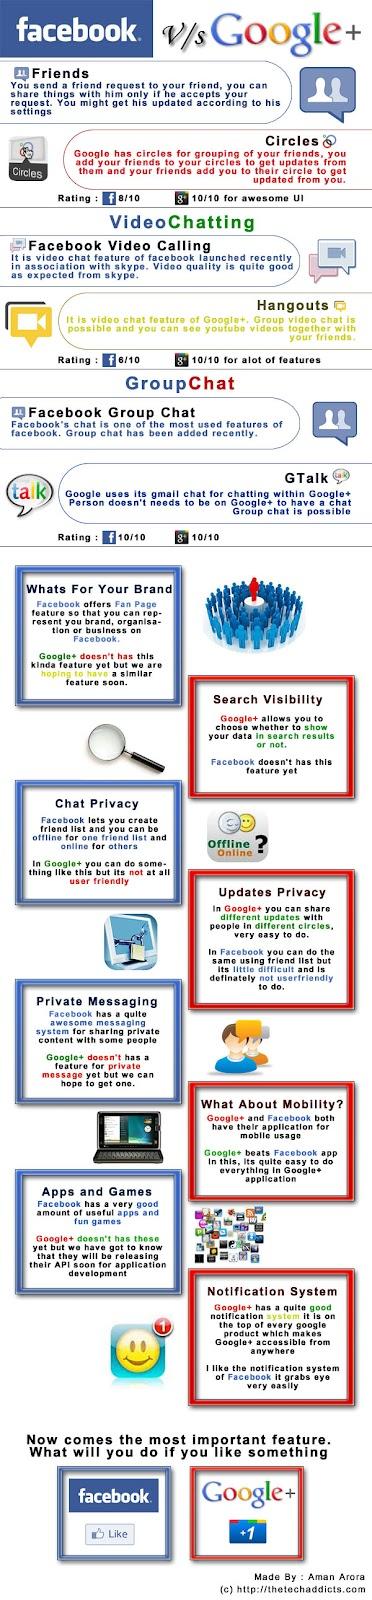 Google Plus Vs. Facebook- Infographic